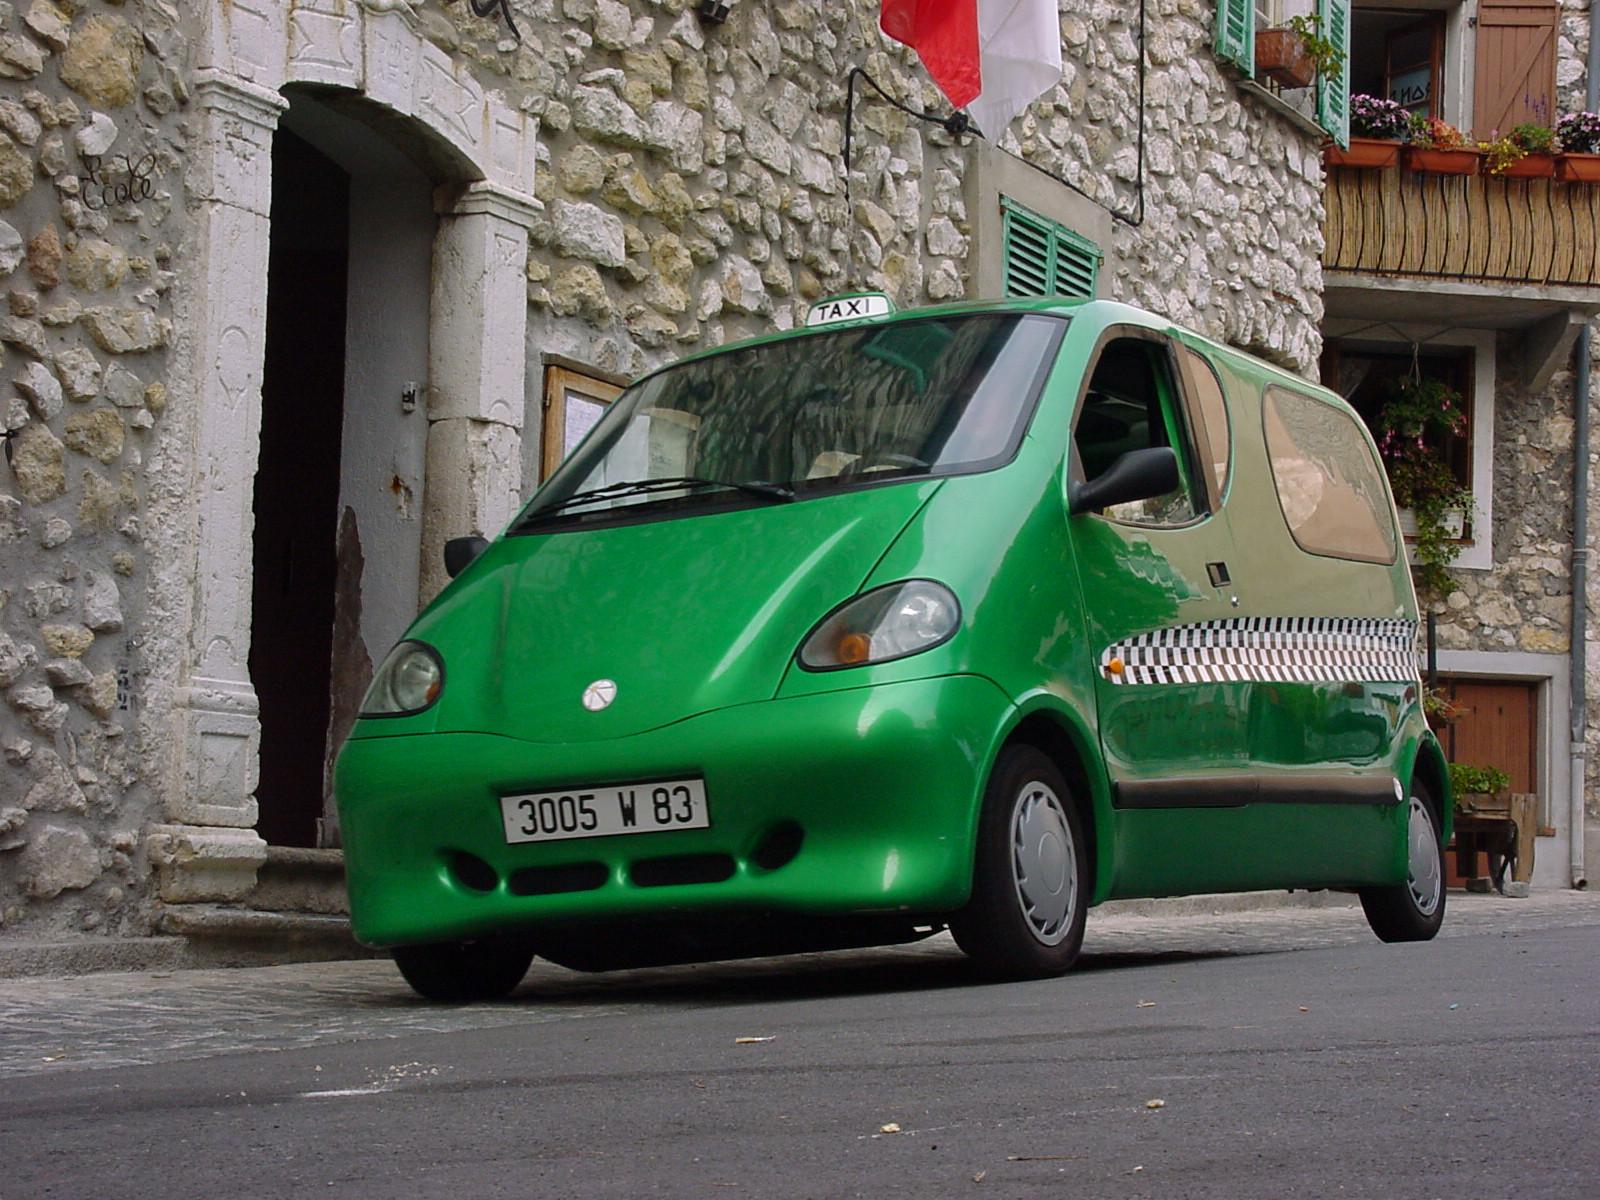 Automóvil que se mueve con aire comprimido